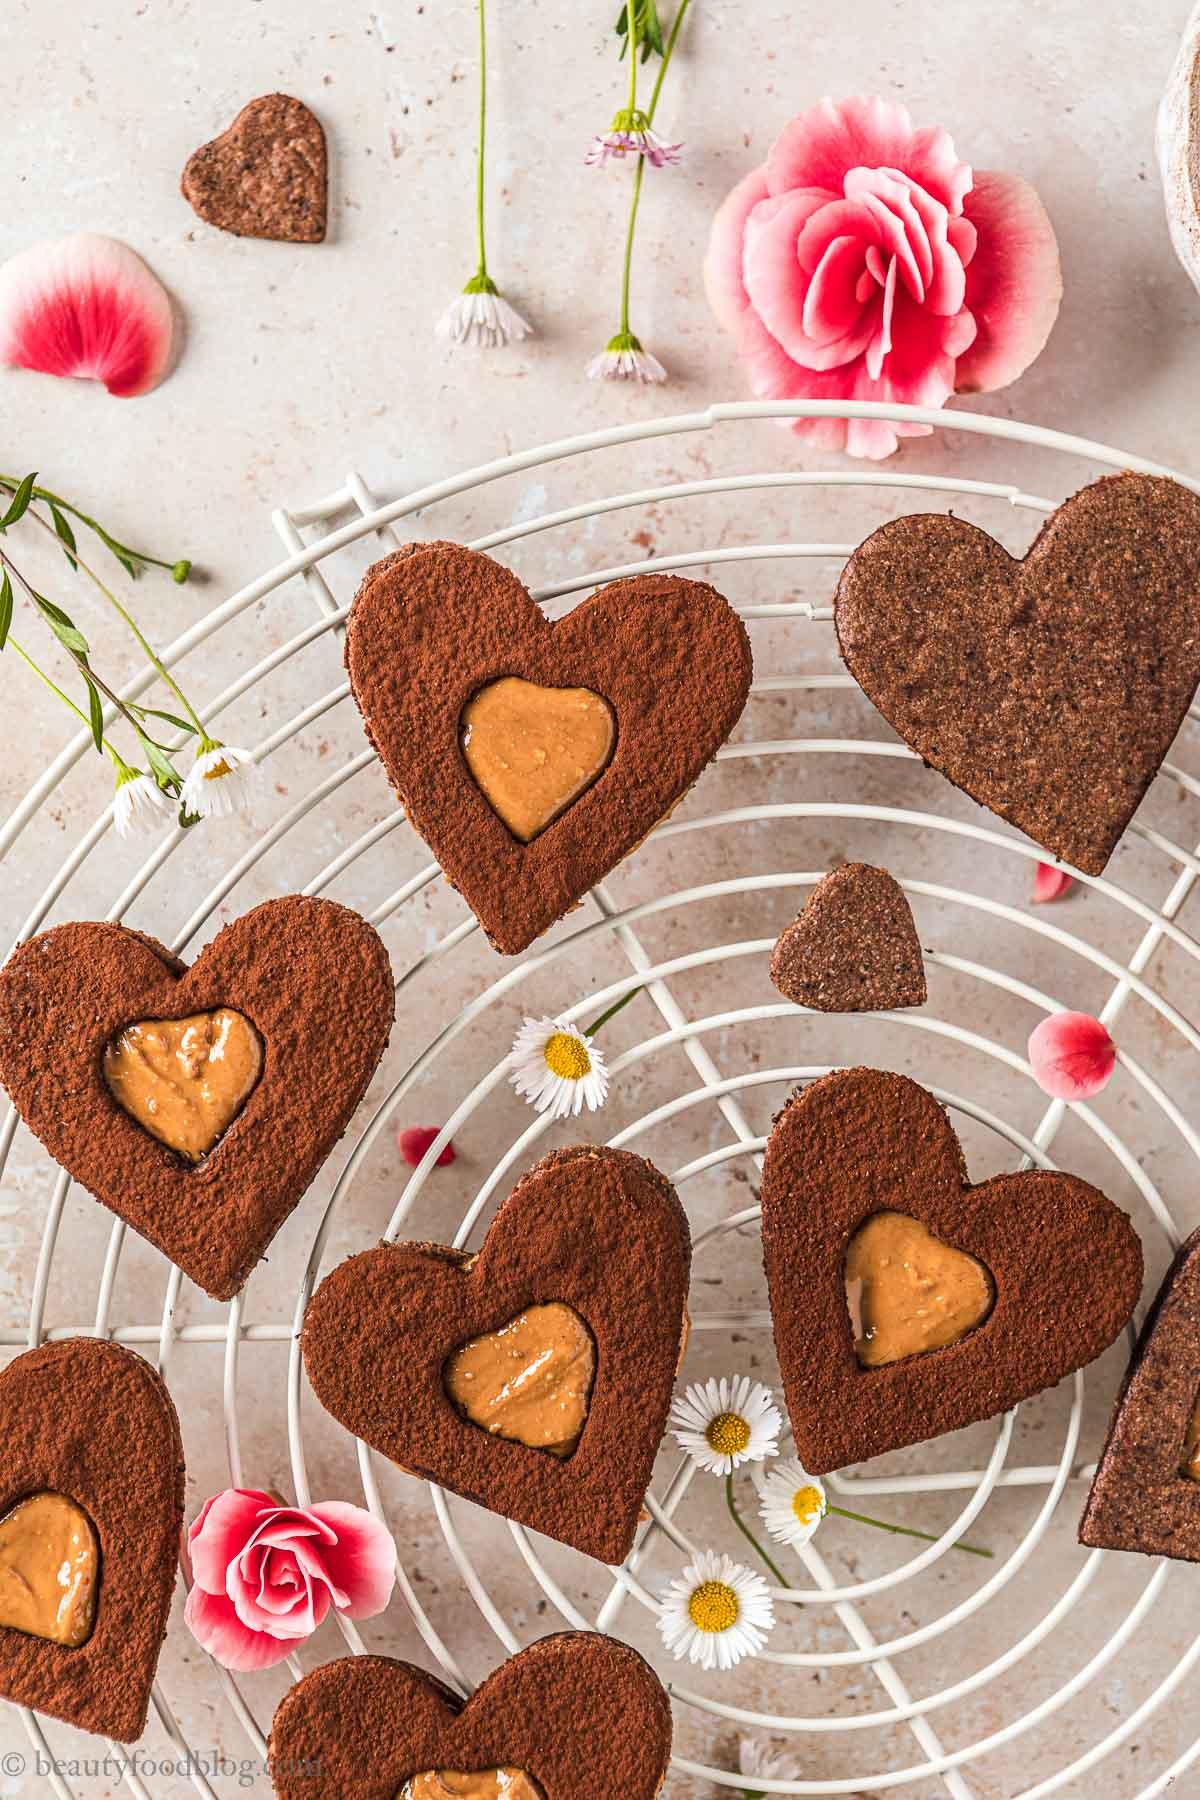 ricetta biscotti frollini vegani senza glutine al cacao e caffè gluten-free vegan chocolate almond Linzer cookies festa della mamma